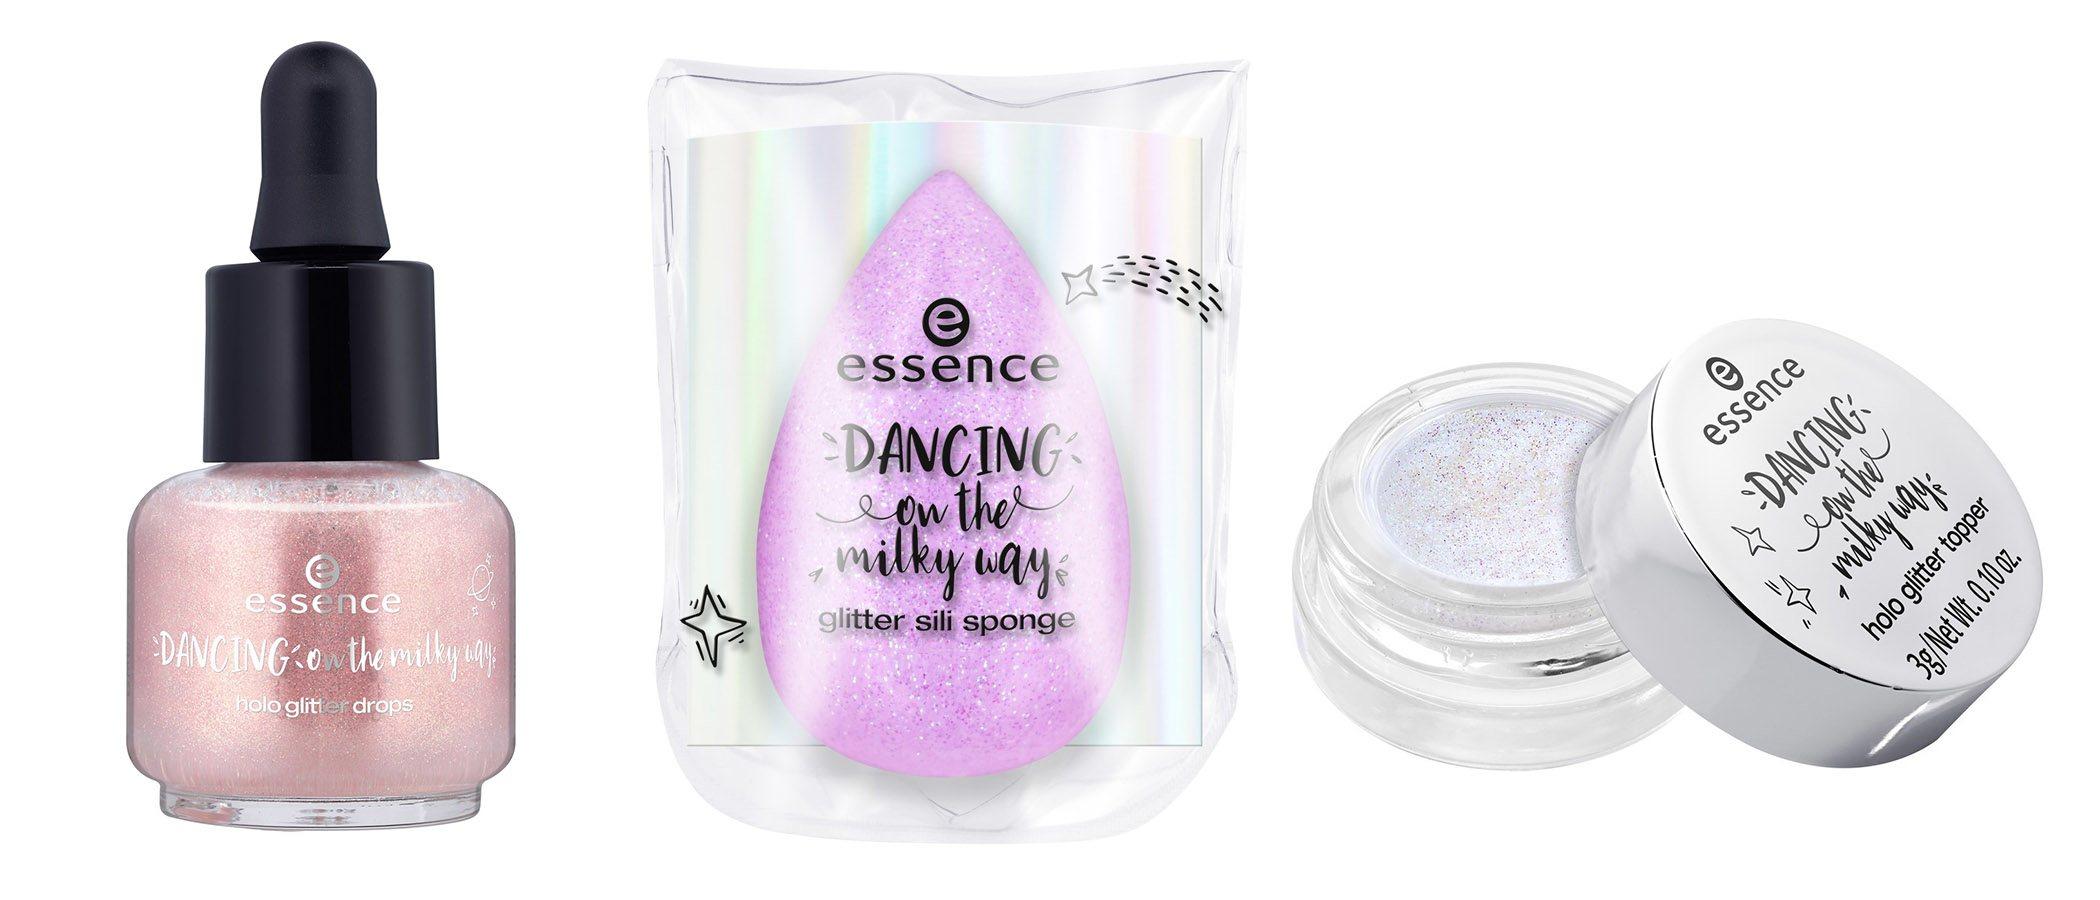 Artículos de maquillaje de la nueva colección de Essence para despedir el verano